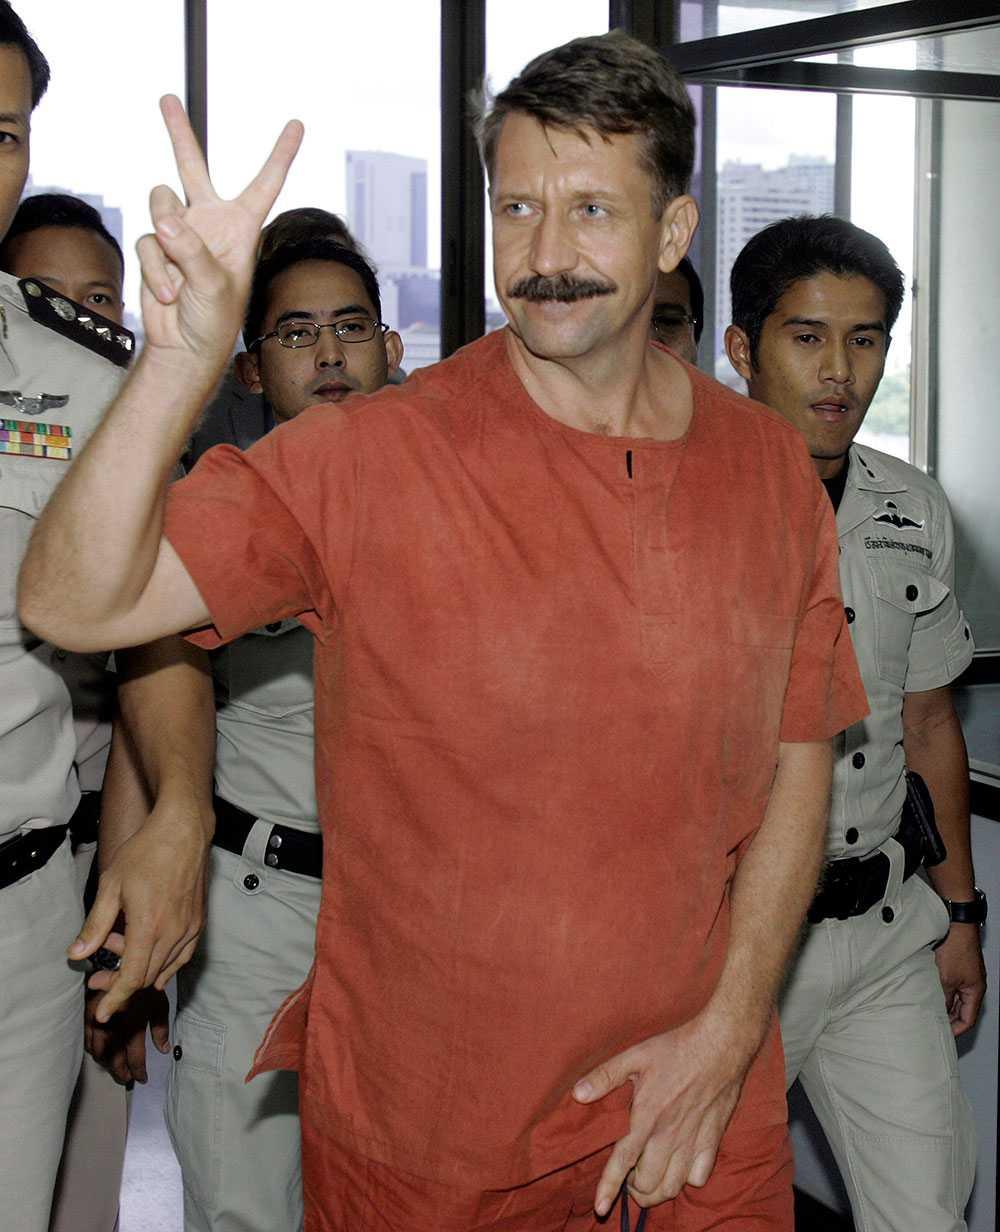 En segerviss Viktor Bout under tiden i thailändskt fängelse. Han dömdes senare till 25 års fängelse i USA.